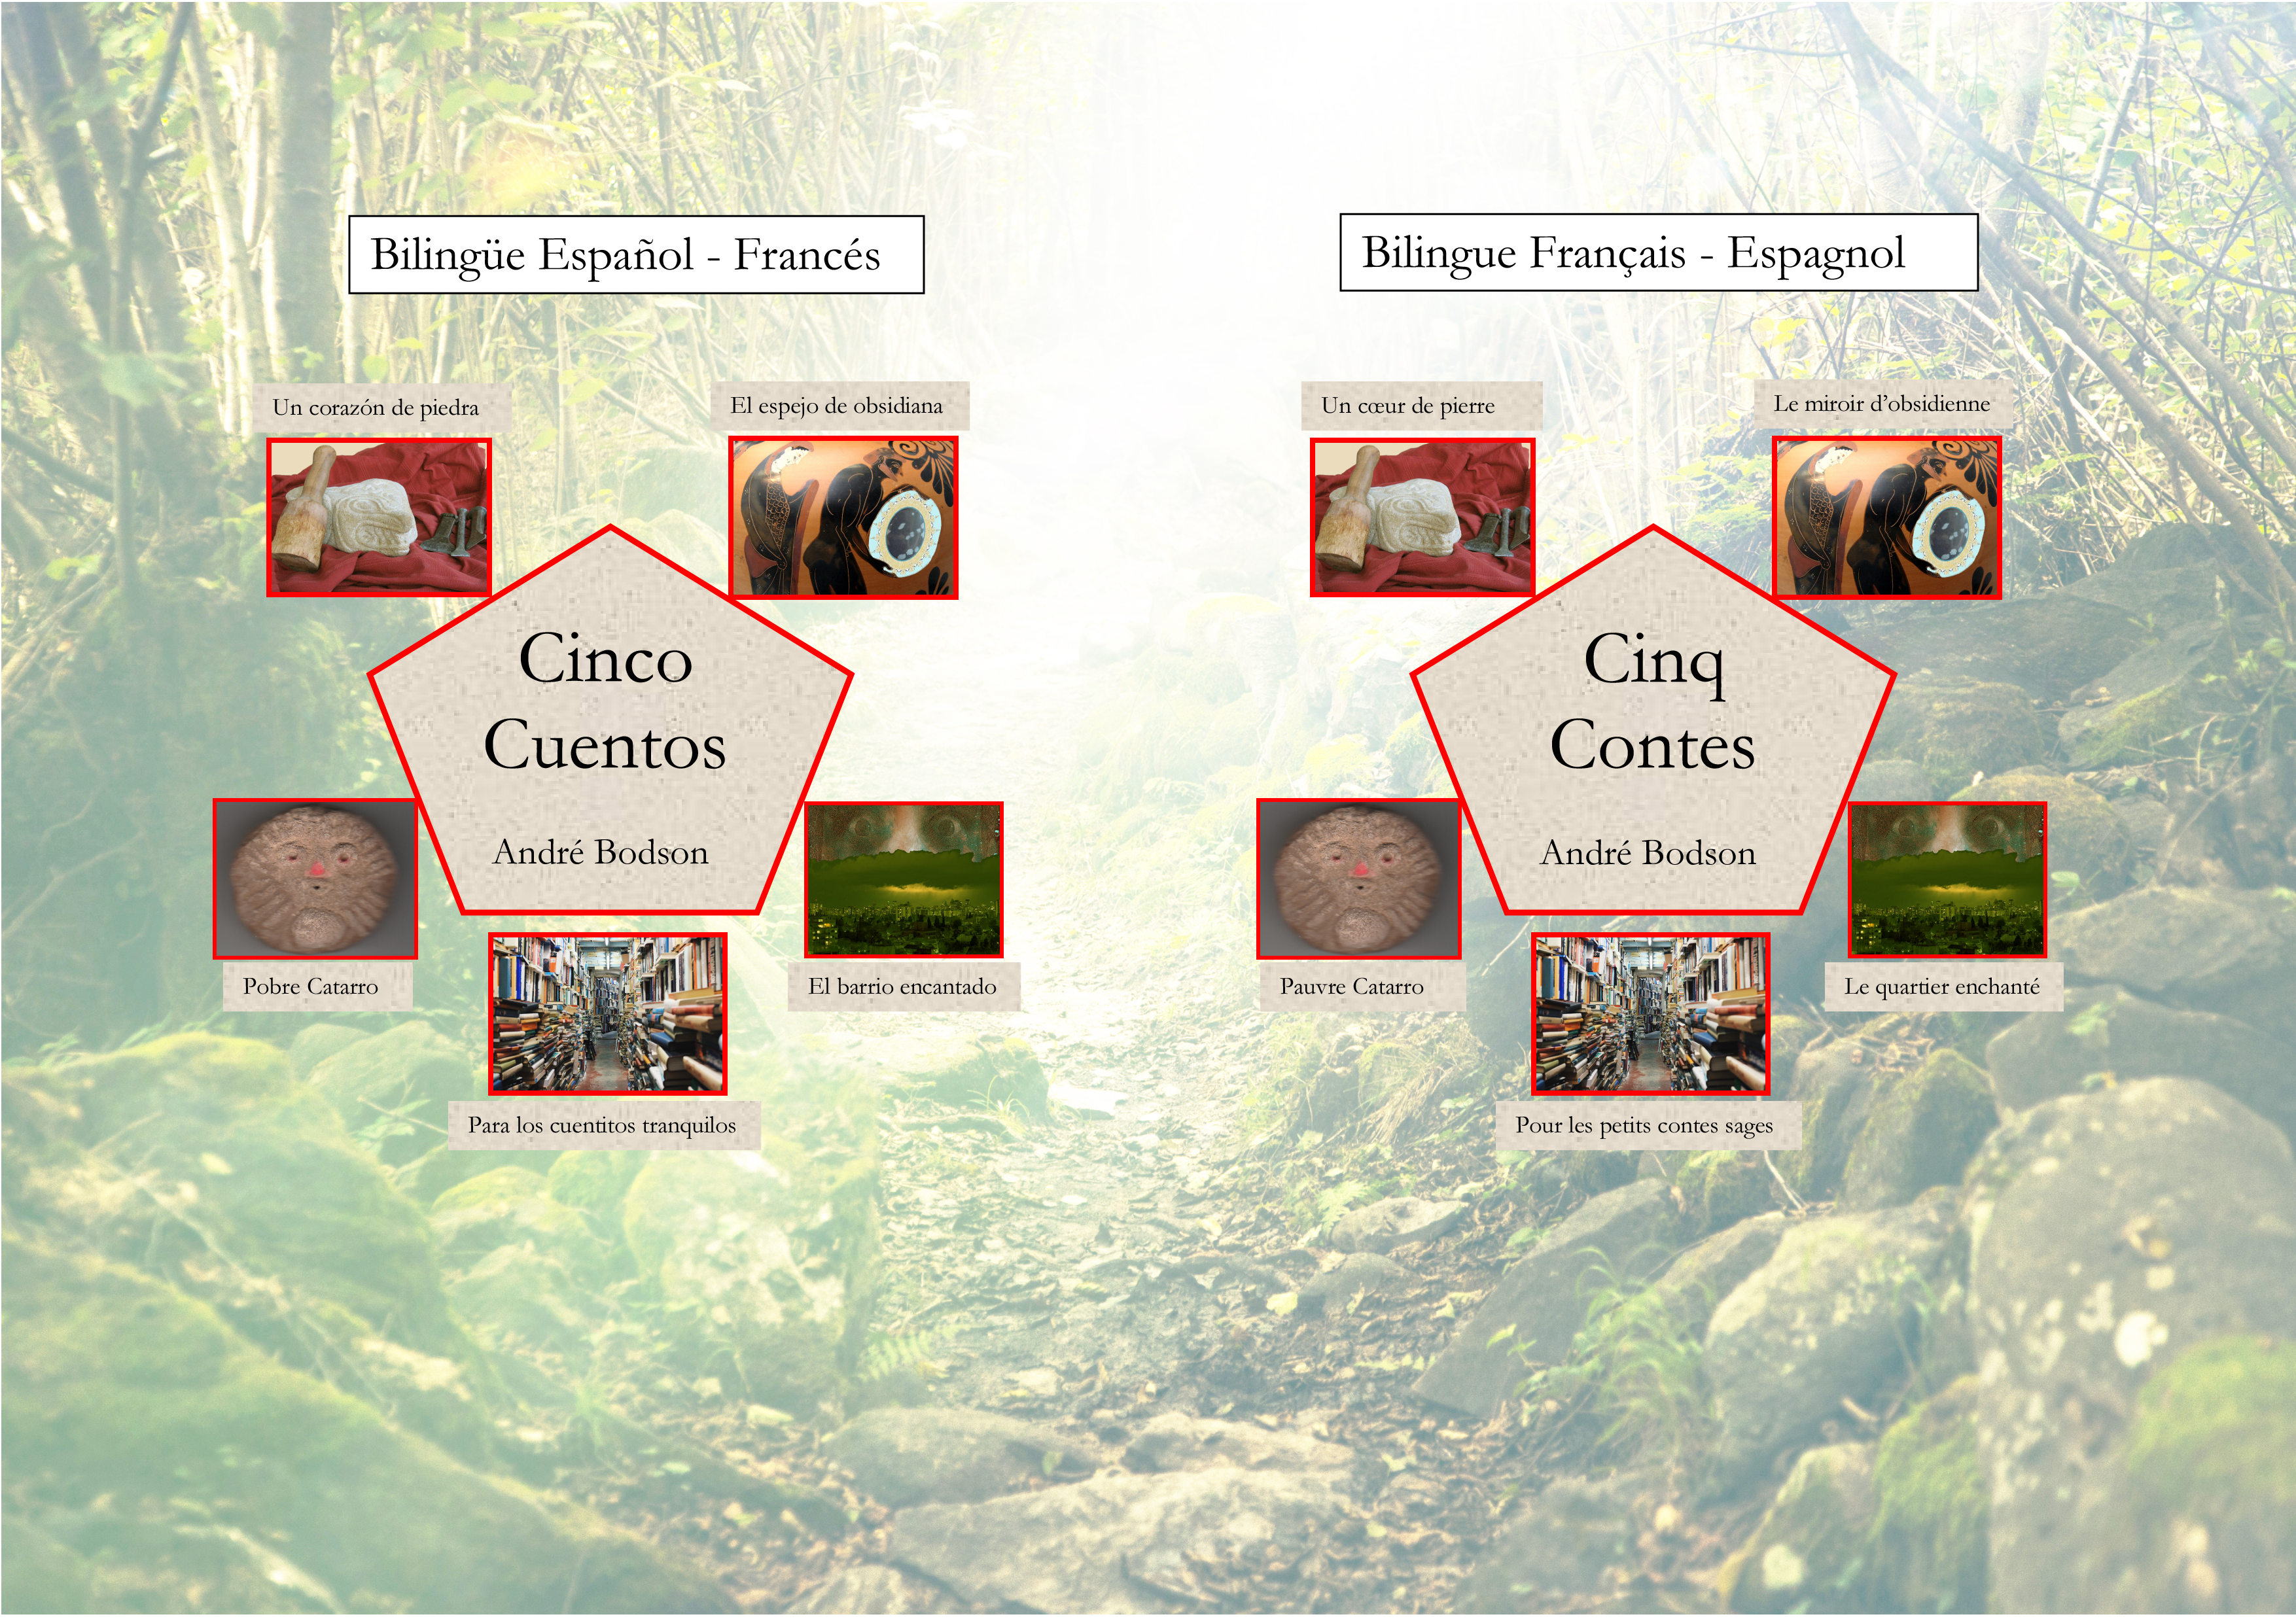 Cinq Contes - Cinco Cuentos Bilingue